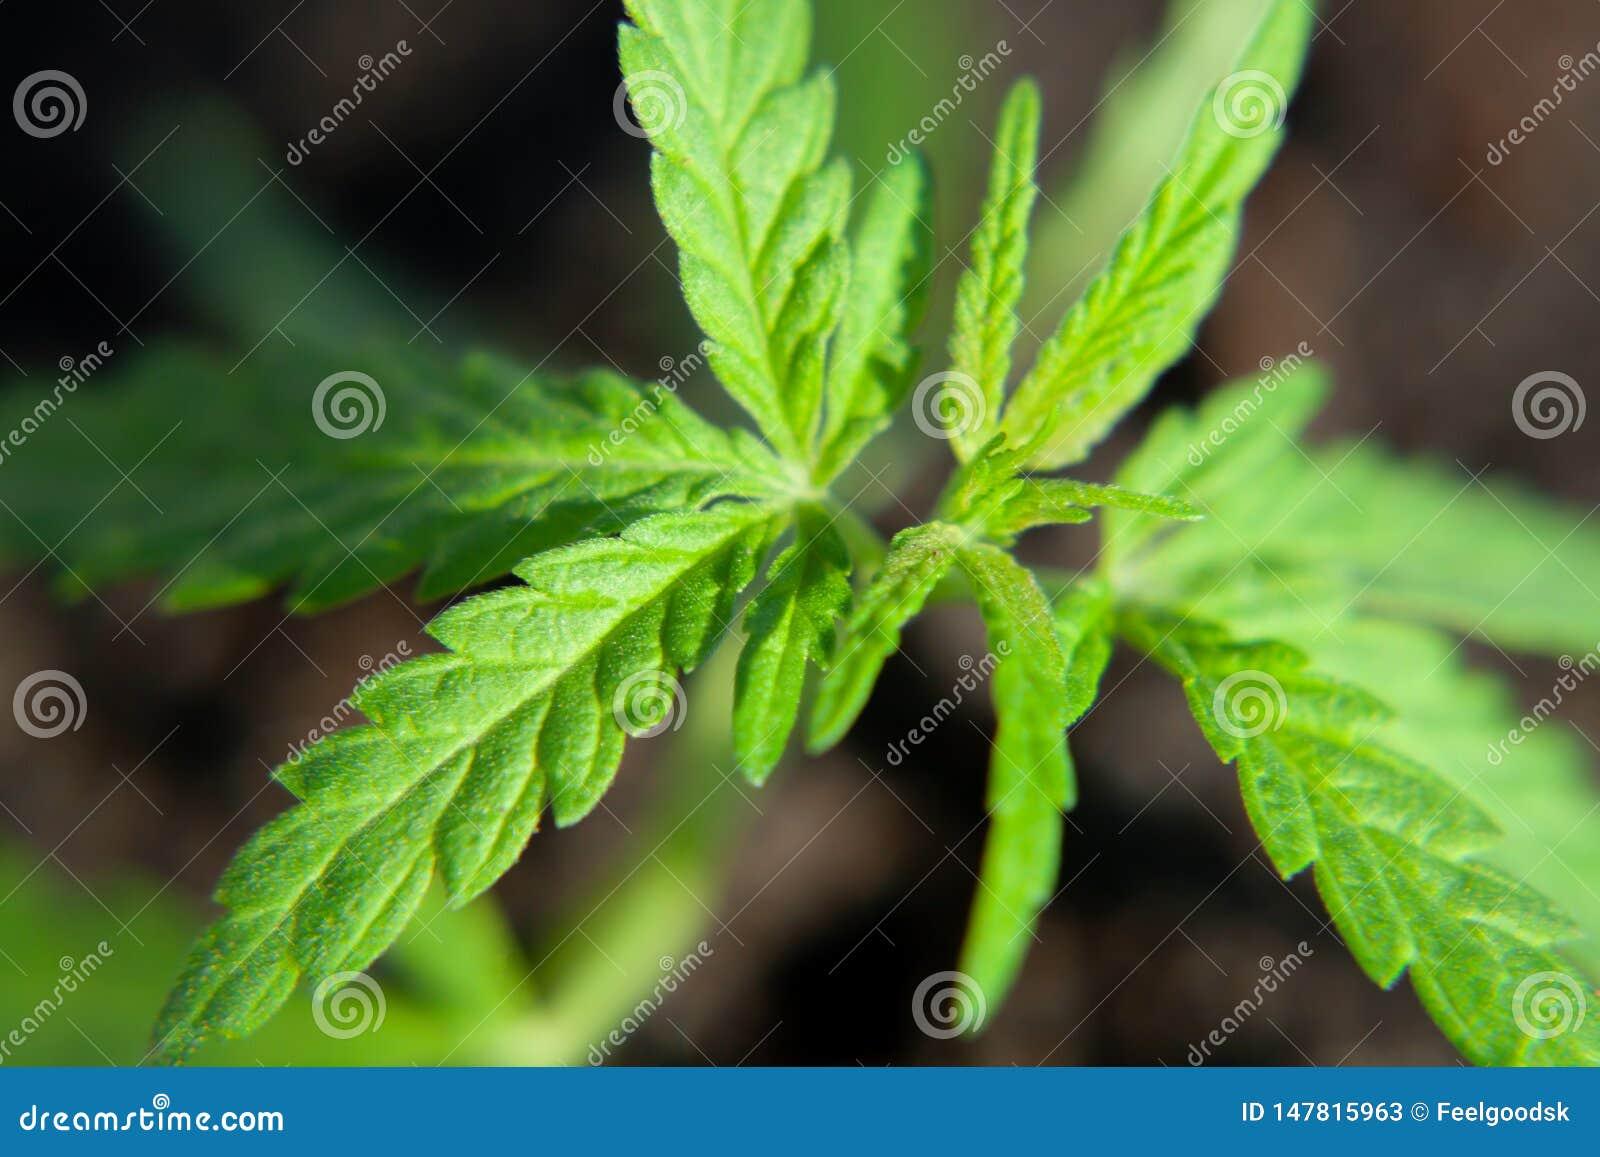 Tematiskt foto som legaliserar en v?xthampa L?g teknisk cultivar f?r THC med inget drogv?rde Cannabisplanta som odlas av hampa